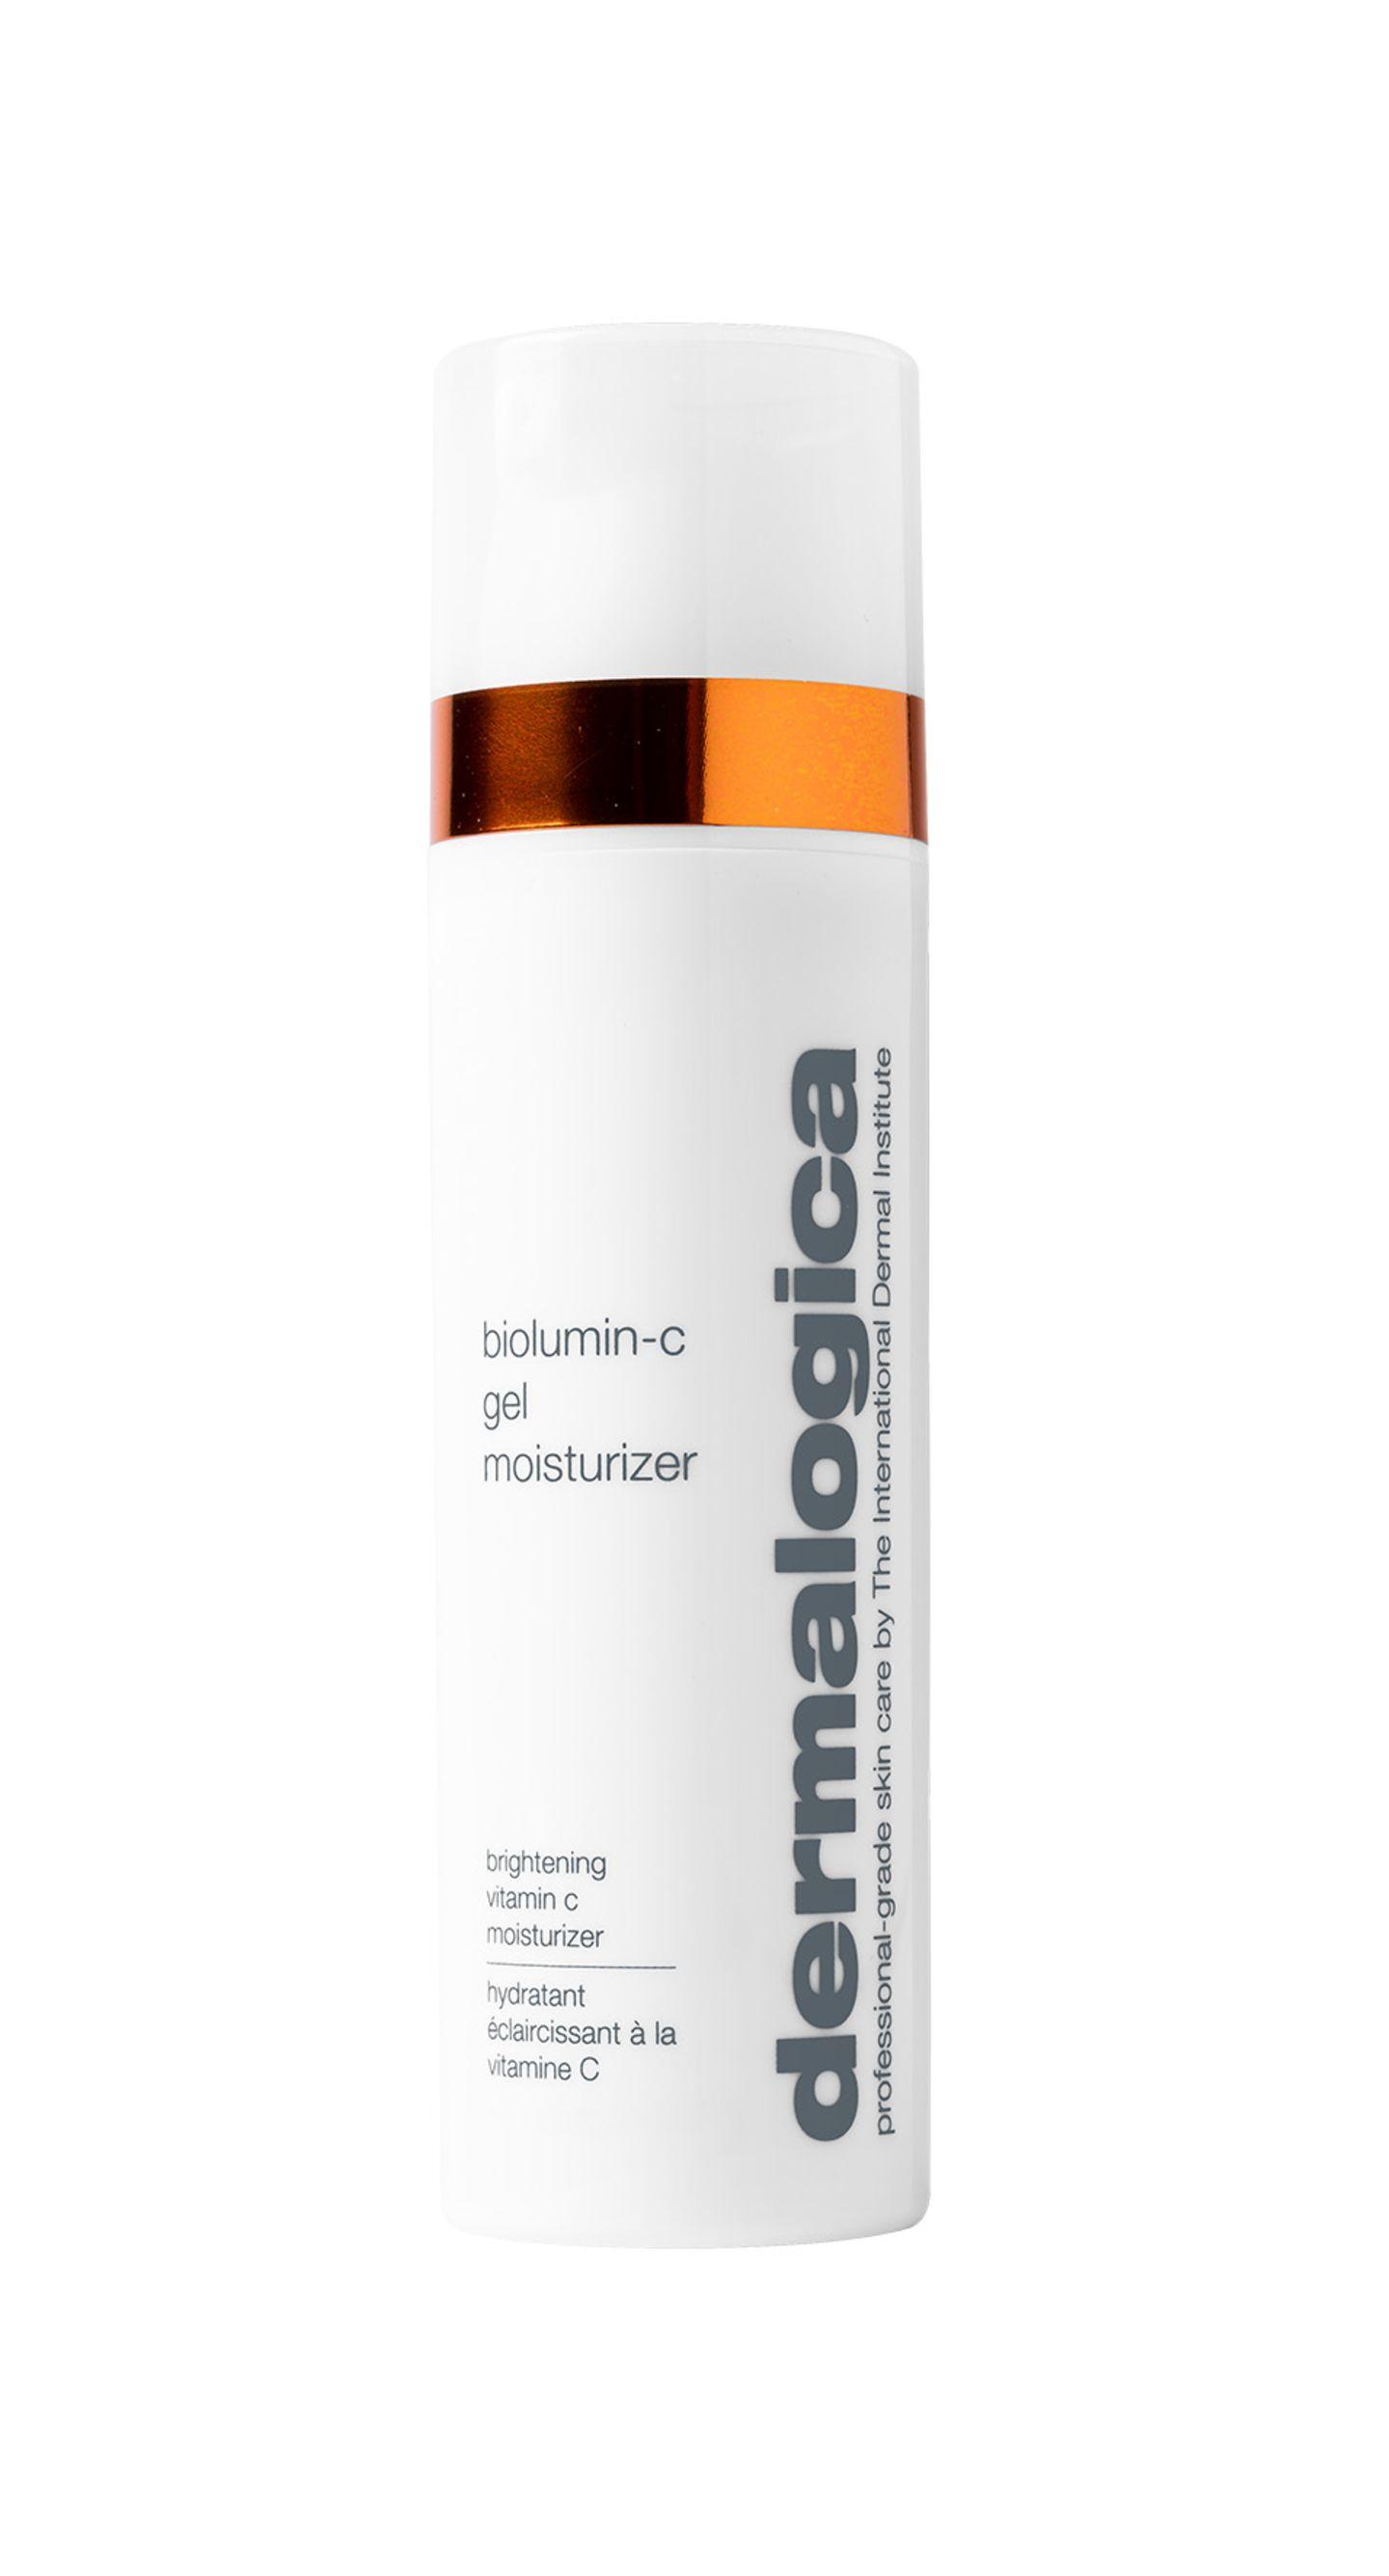 DerBioLumin-C Gel Moisturizer von dermalogica hat eine schwerelose Gel-Formel mit stabilem Vitamin-C, das Schäden durch freie Radikale bekämpft.Auch die Feuchtigkeitsbarriere der Haut wird gestärkt und verhilft uns zu einem frischen Hautbild. Für rund 70 Euro erhältlich.